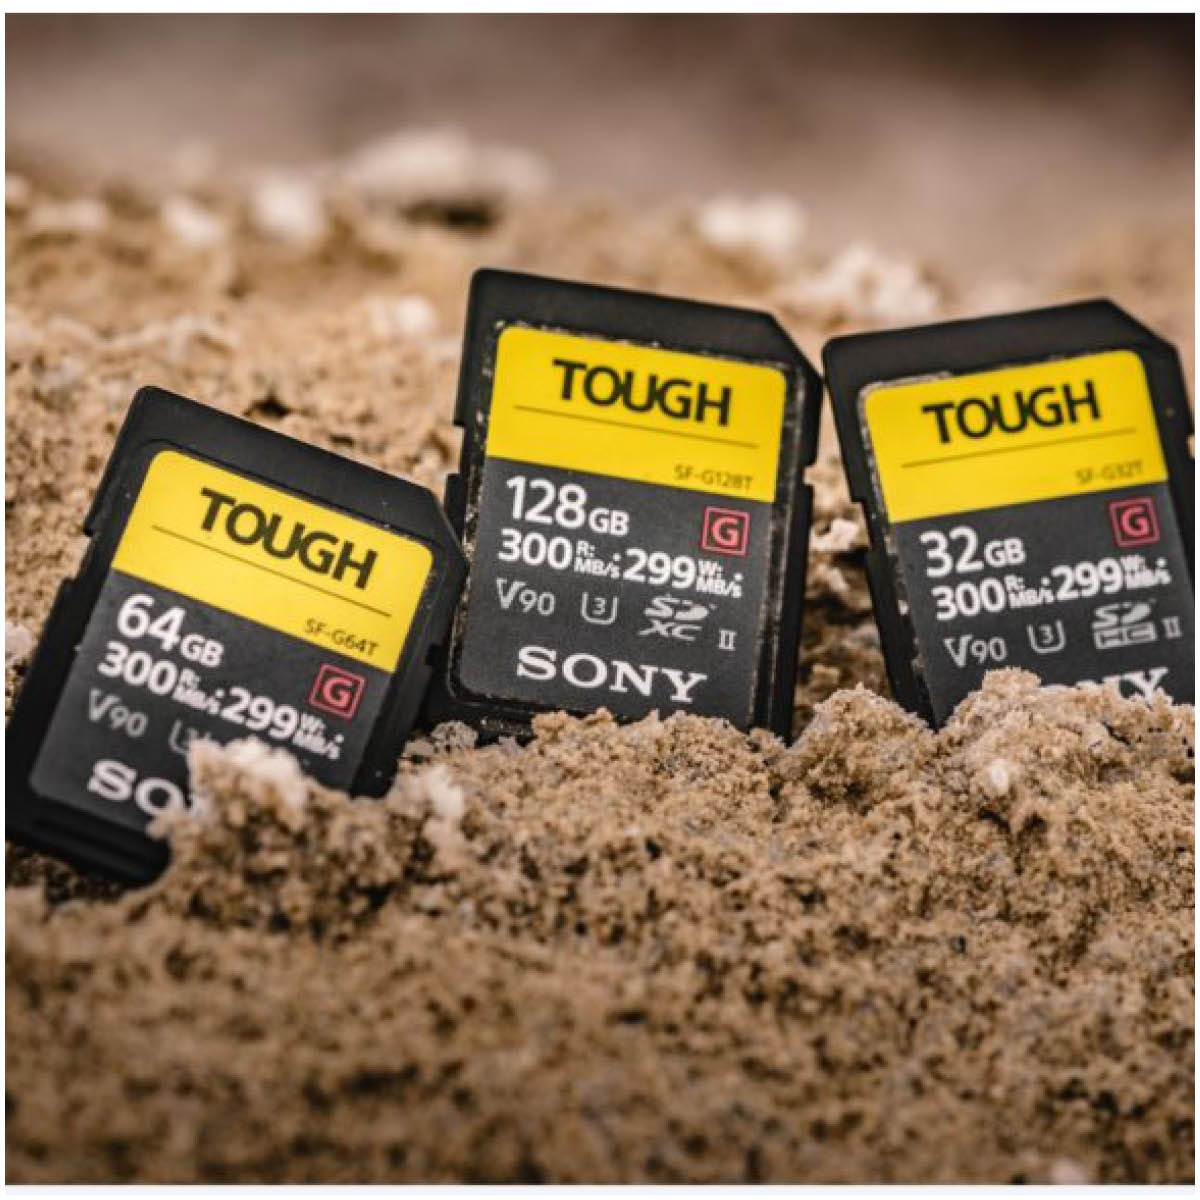 Sony 128 GB SDXC Tough G